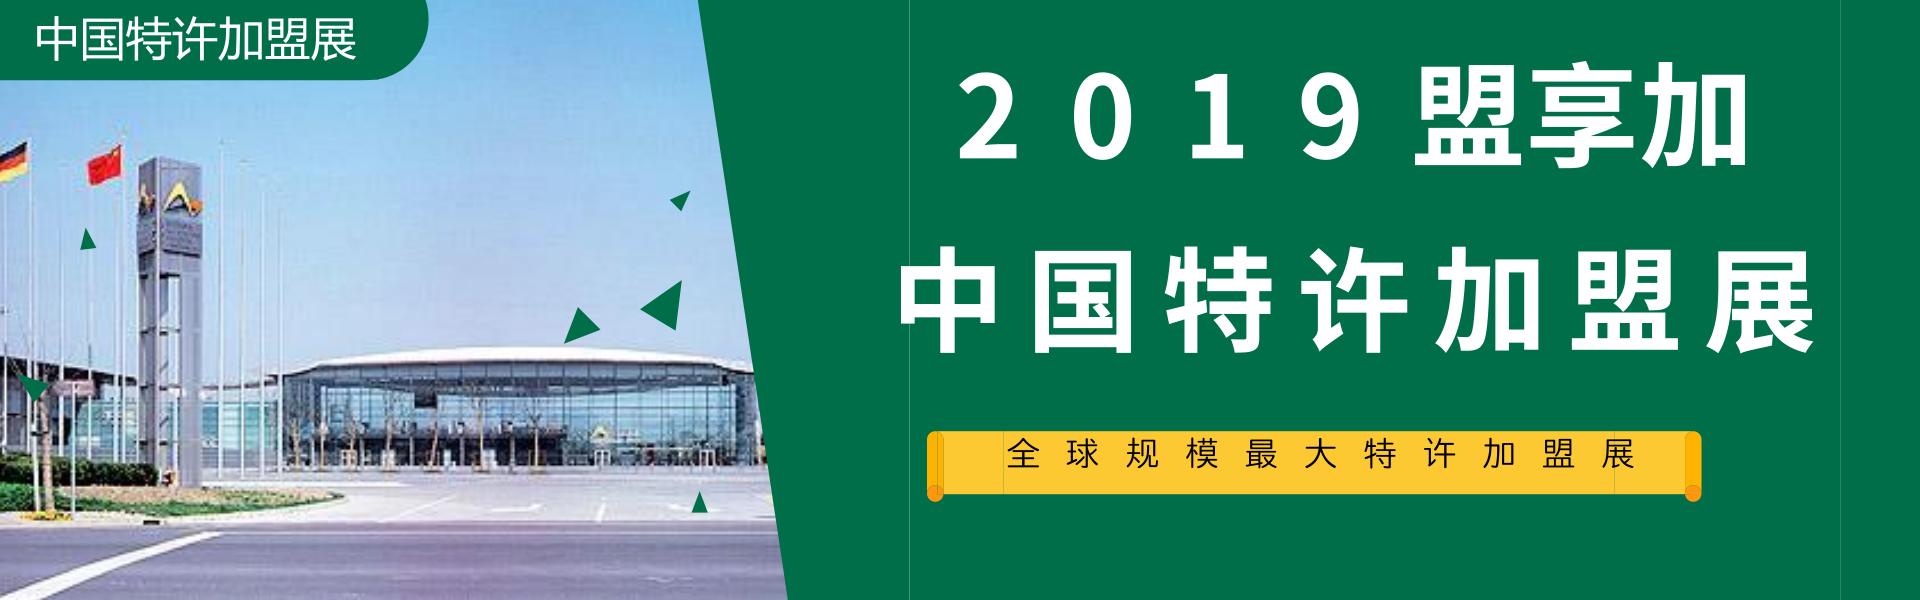 2019武汉特许加盟展